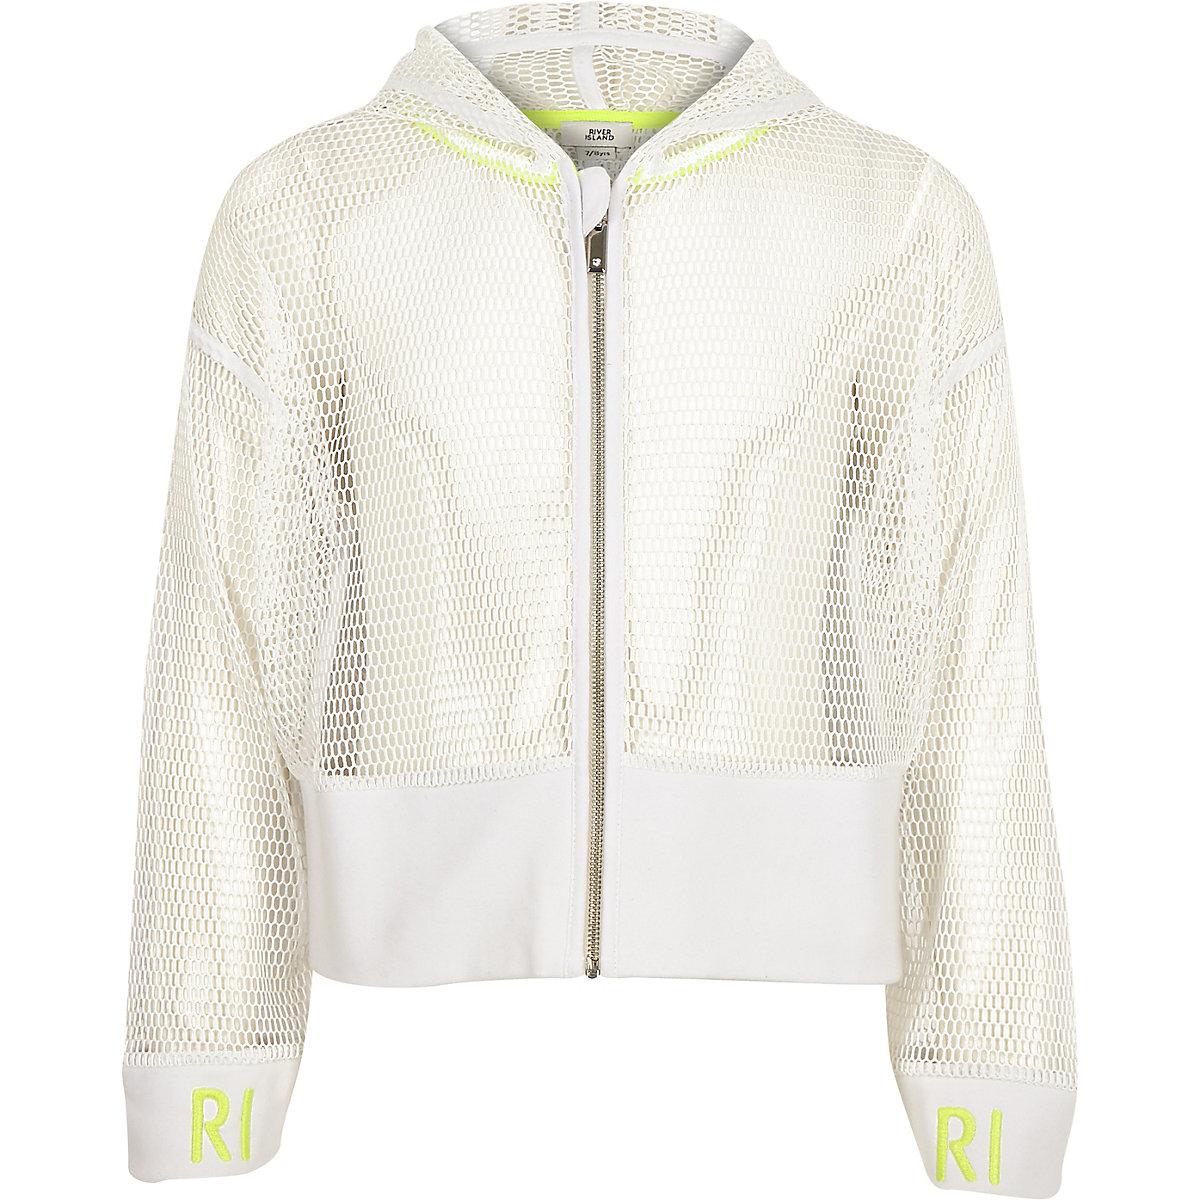 Girls RI Active white mesh zip hoodie